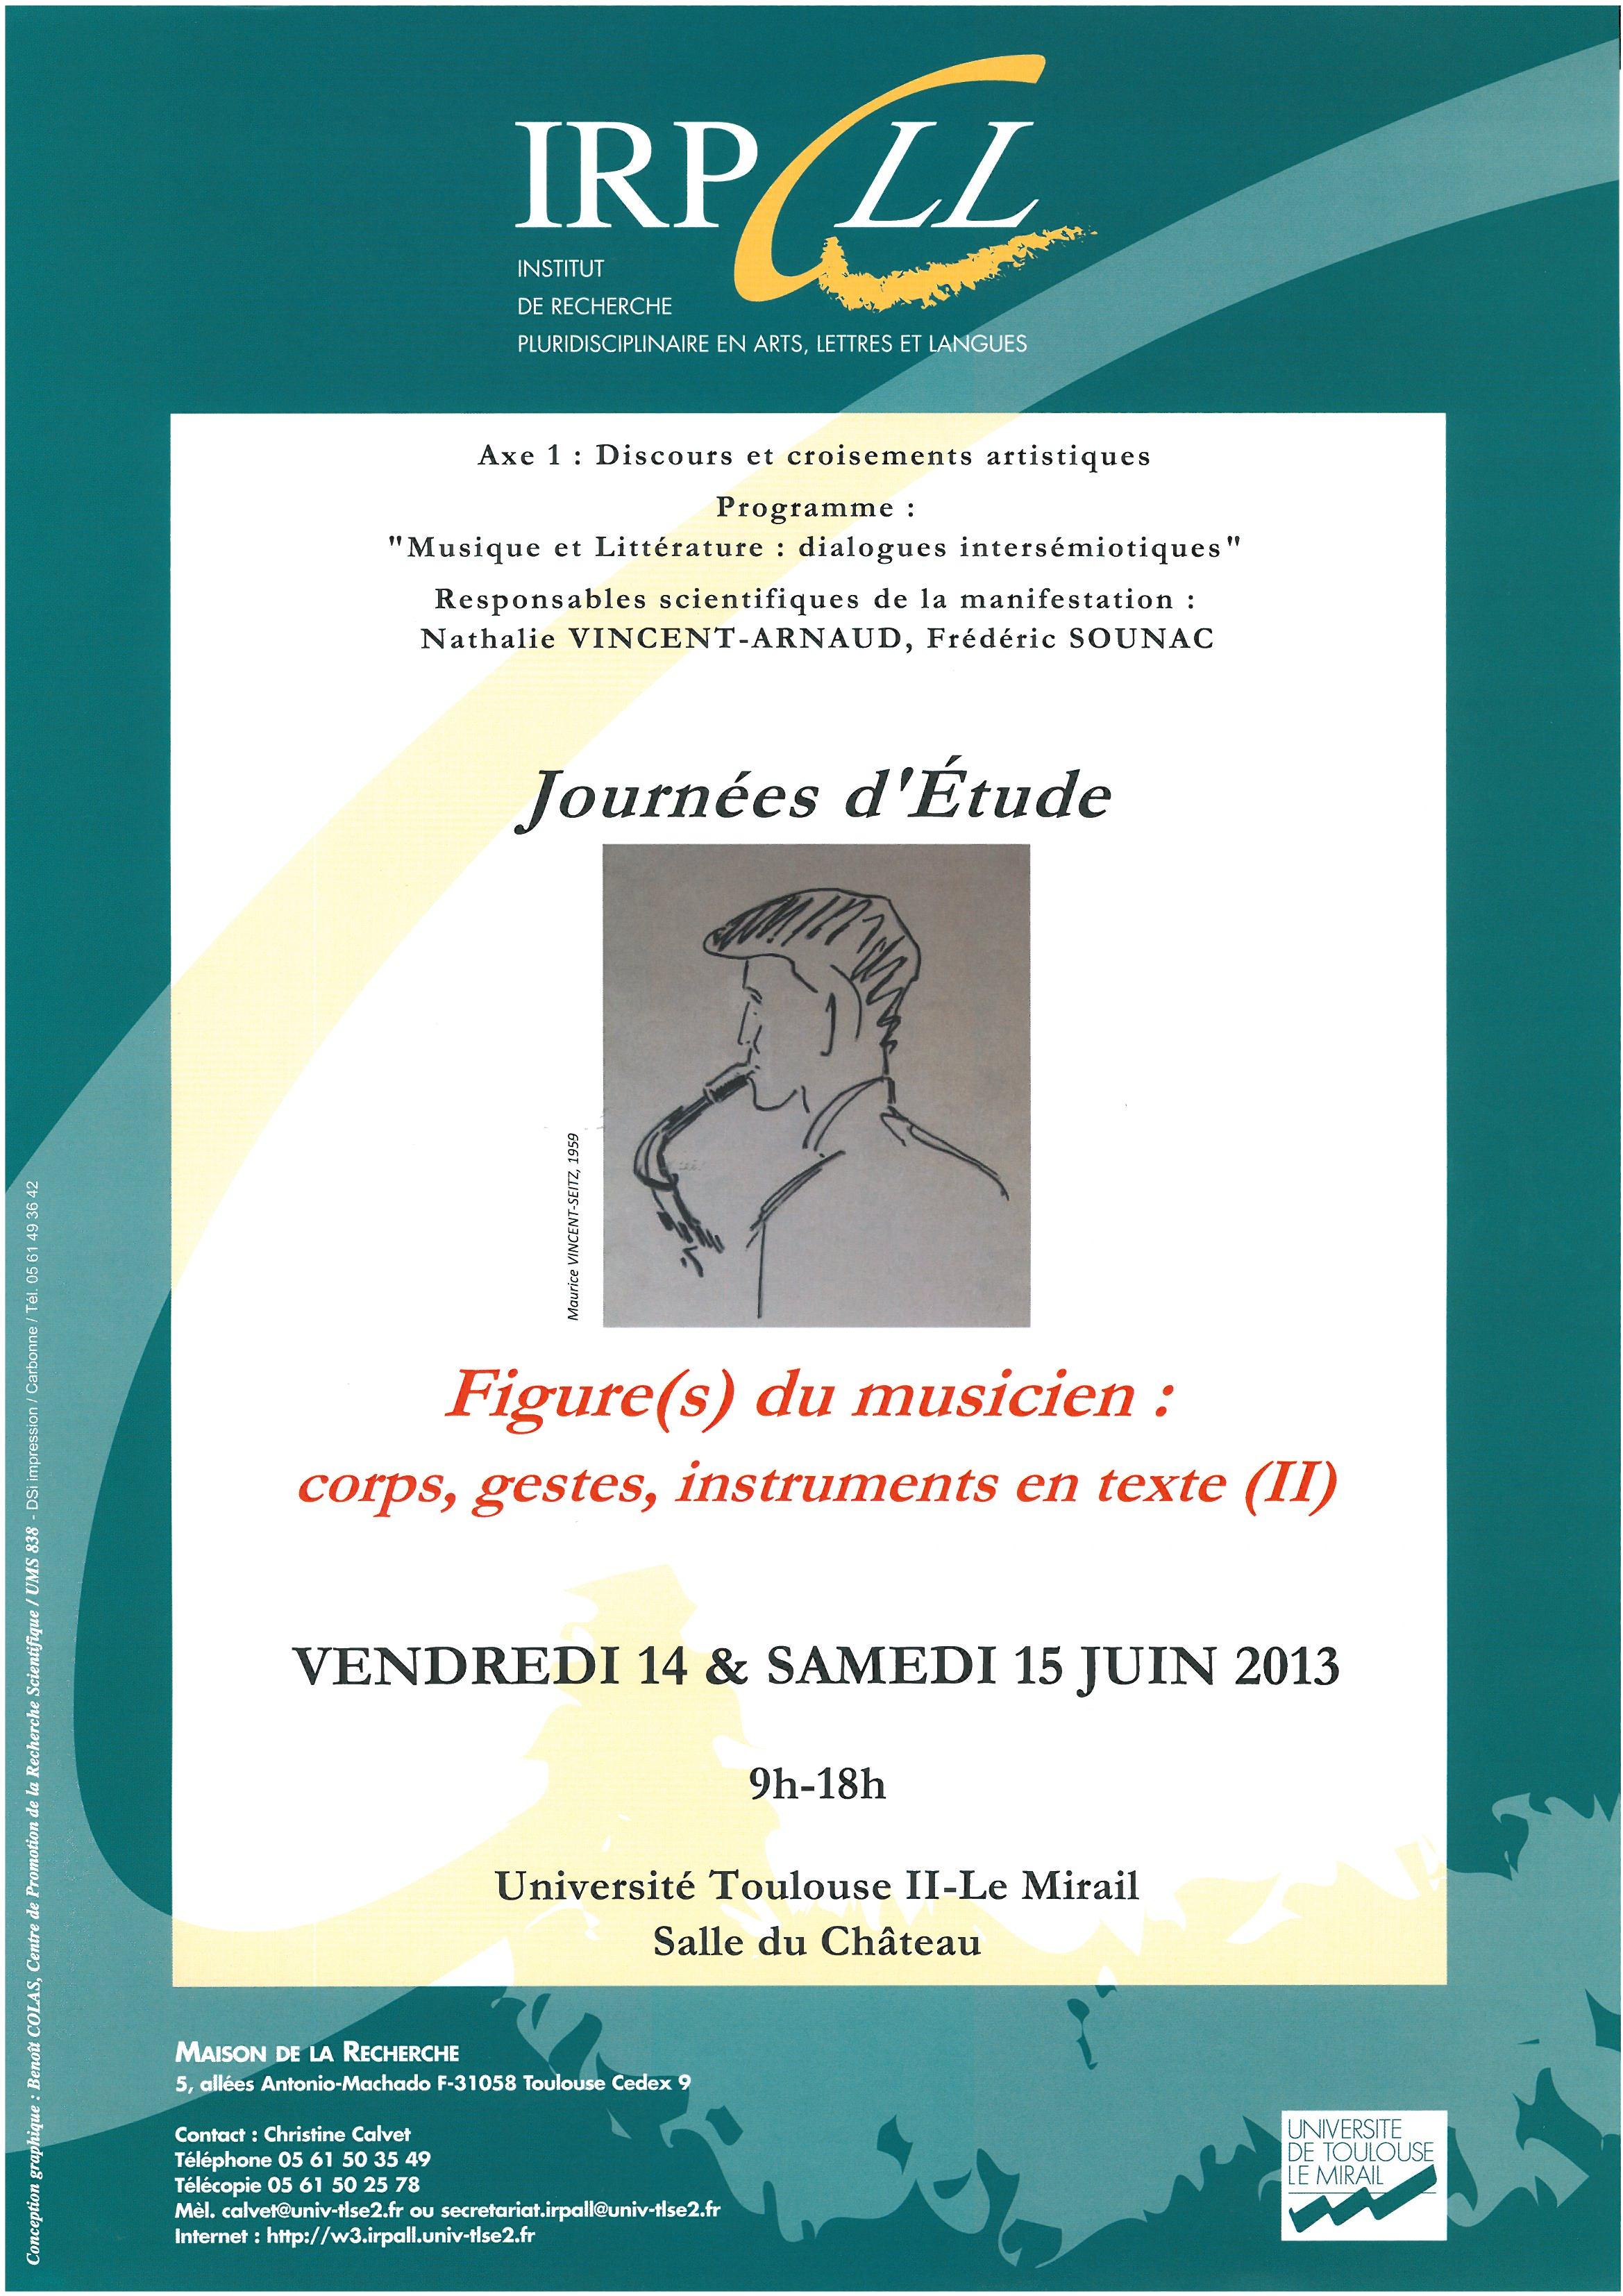 affiche figures du musicien axe 1 musique et littérature